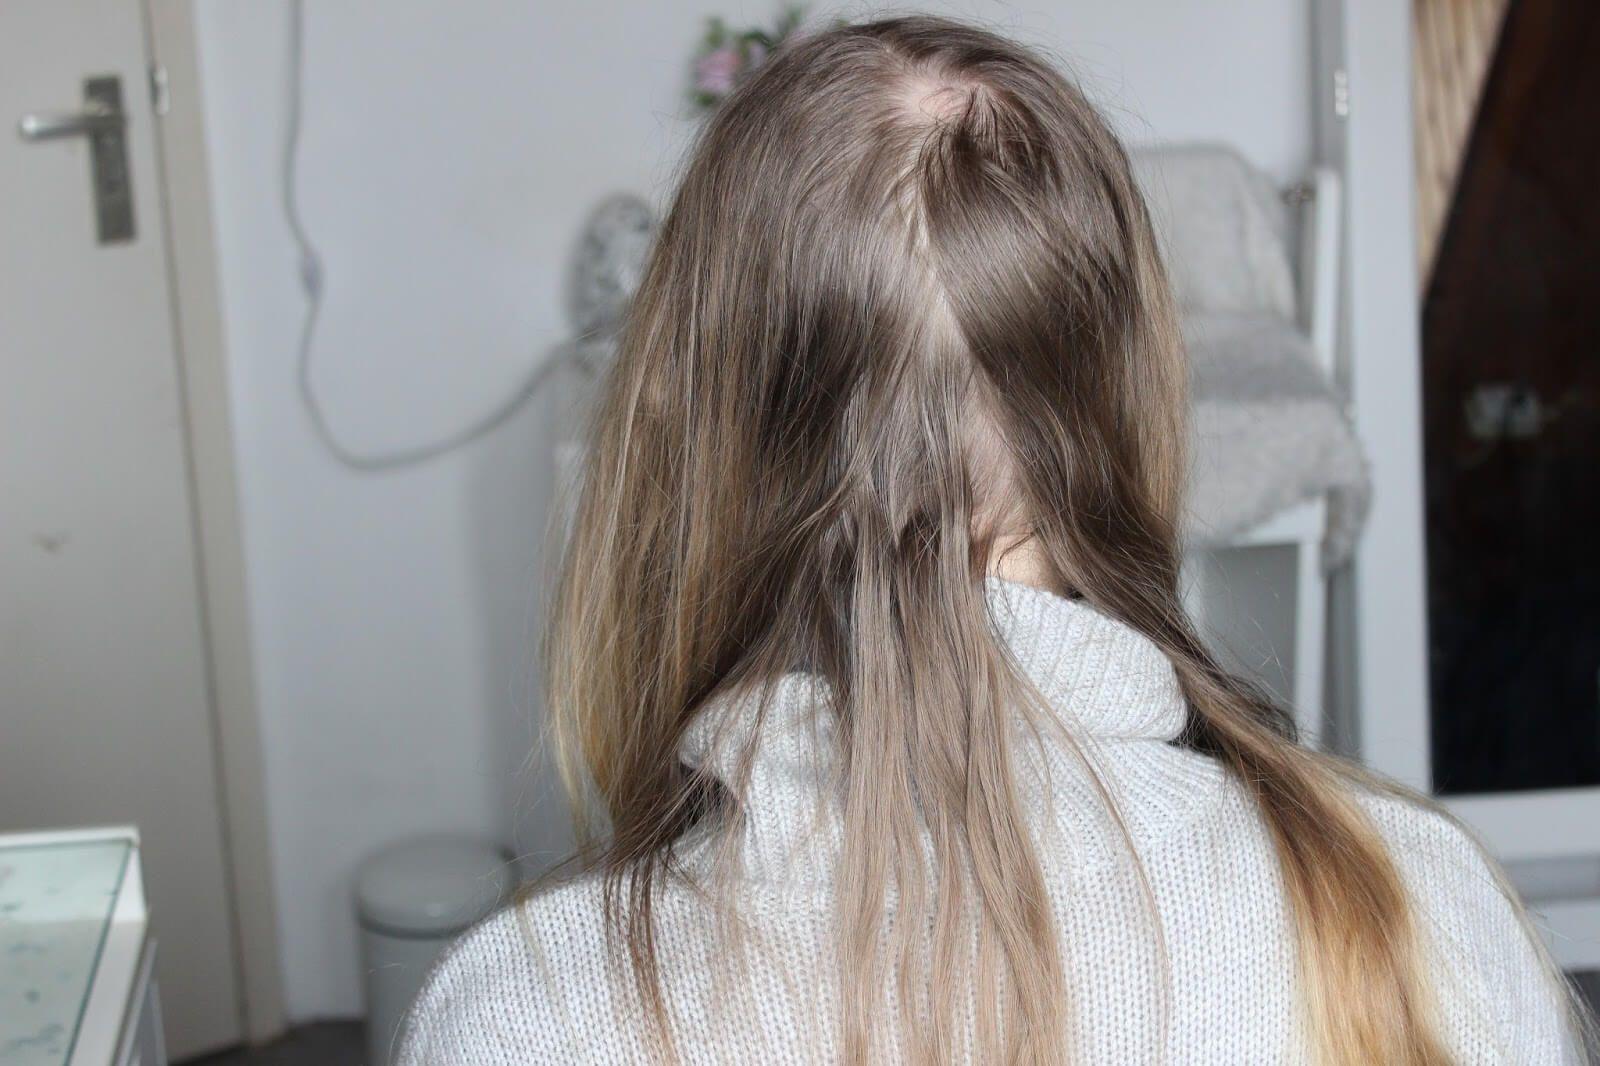 Pas op met het gebruik van droogshampoo, het maakt je haar kapot!